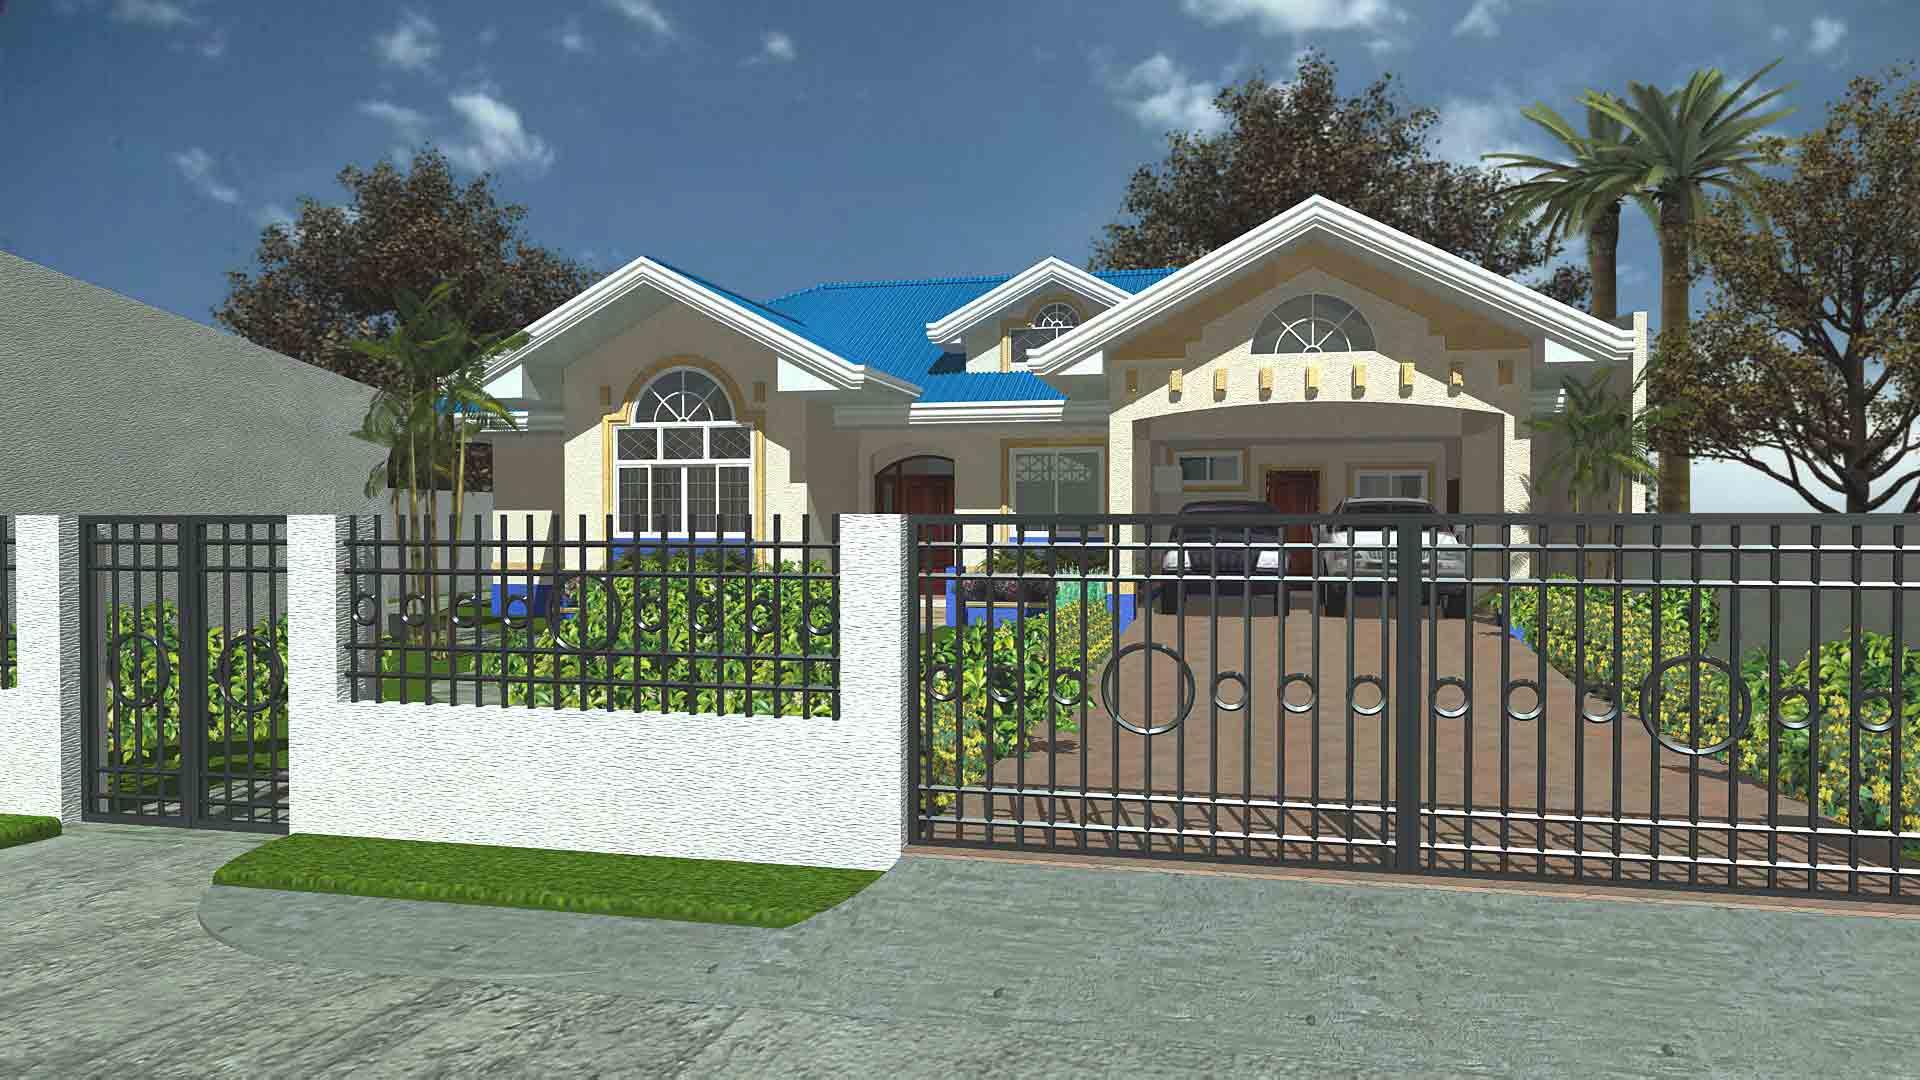 Architecture Design Houses Philippines philippines house gate design house designed simple house design ideas